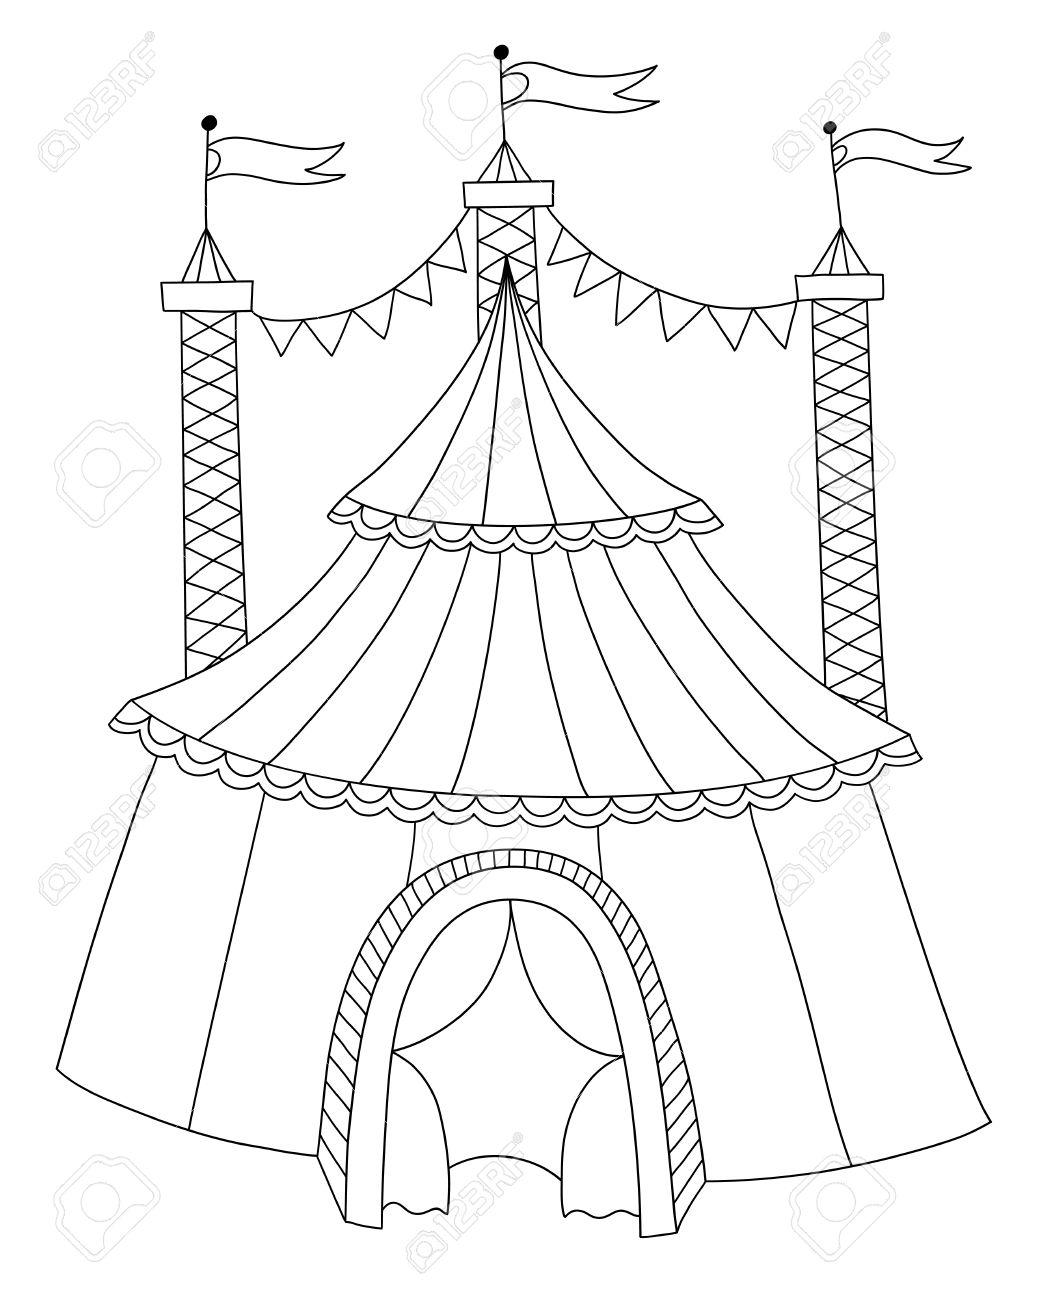 Vettoriale Bianco E Nero Illustrazione Linea Arte Del Tendone Da